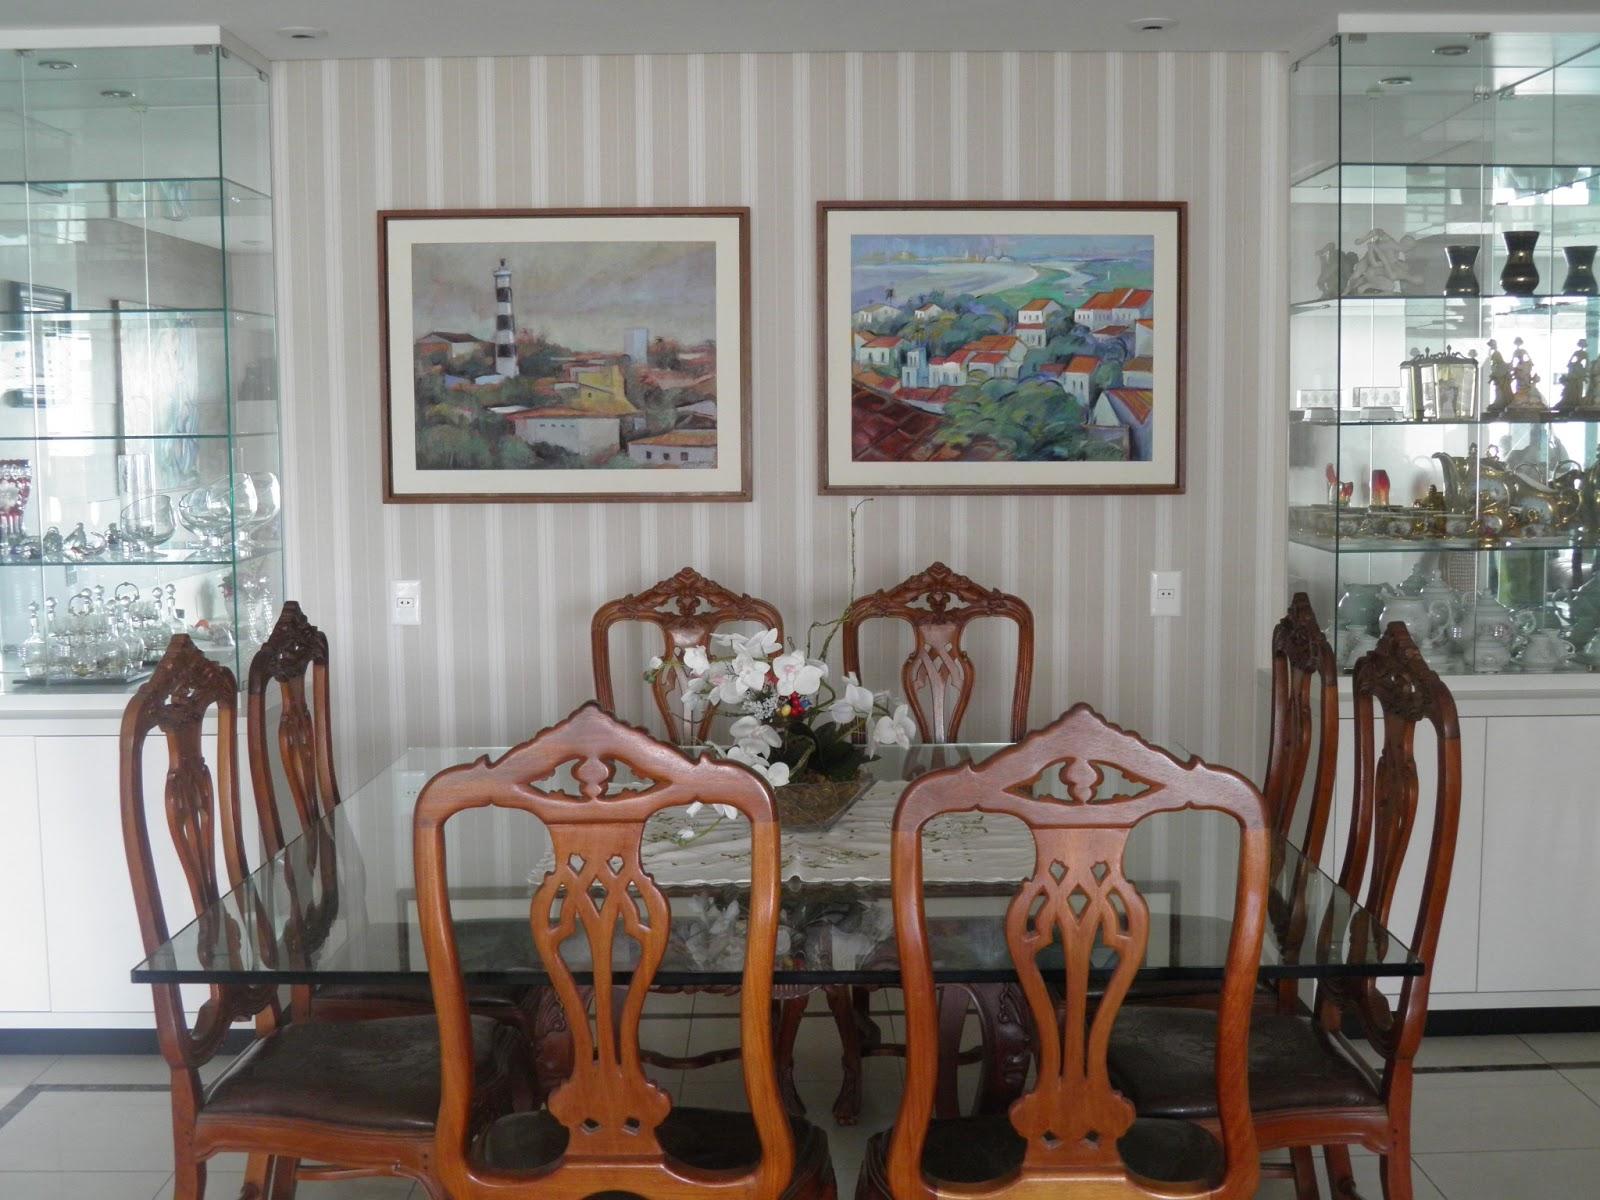 Pruzak Com Imagem De Sala De Jantar Com Papel De Parede Id Ias  -> Sala De Estar Decorada Com Papel De Parede E Espelho